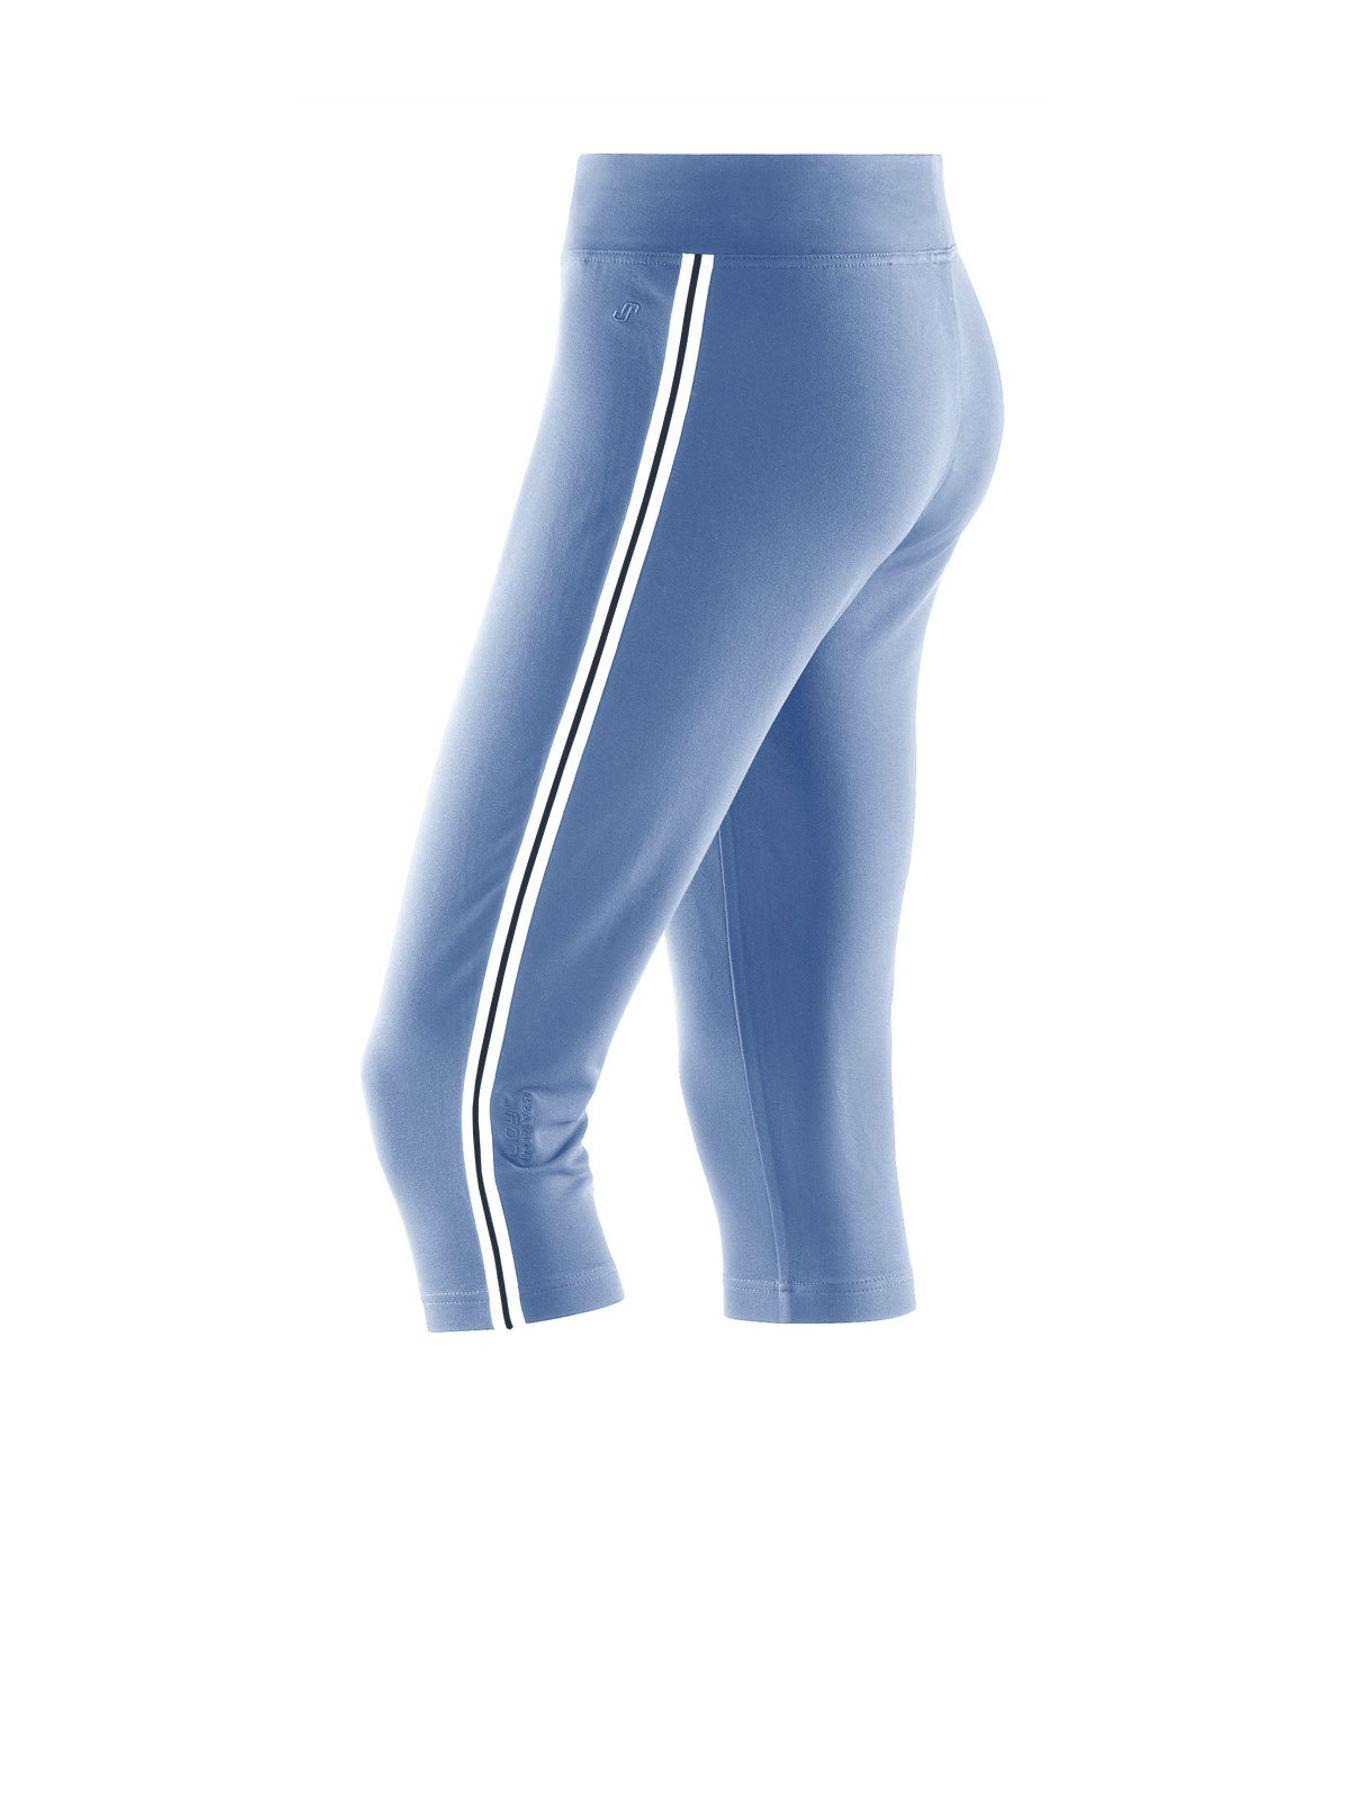 Joy - Damen Caprihose 3/4 Hose für Sport und Freizeit in verschiedenen Farben, Lola (34521A) – Bild 8